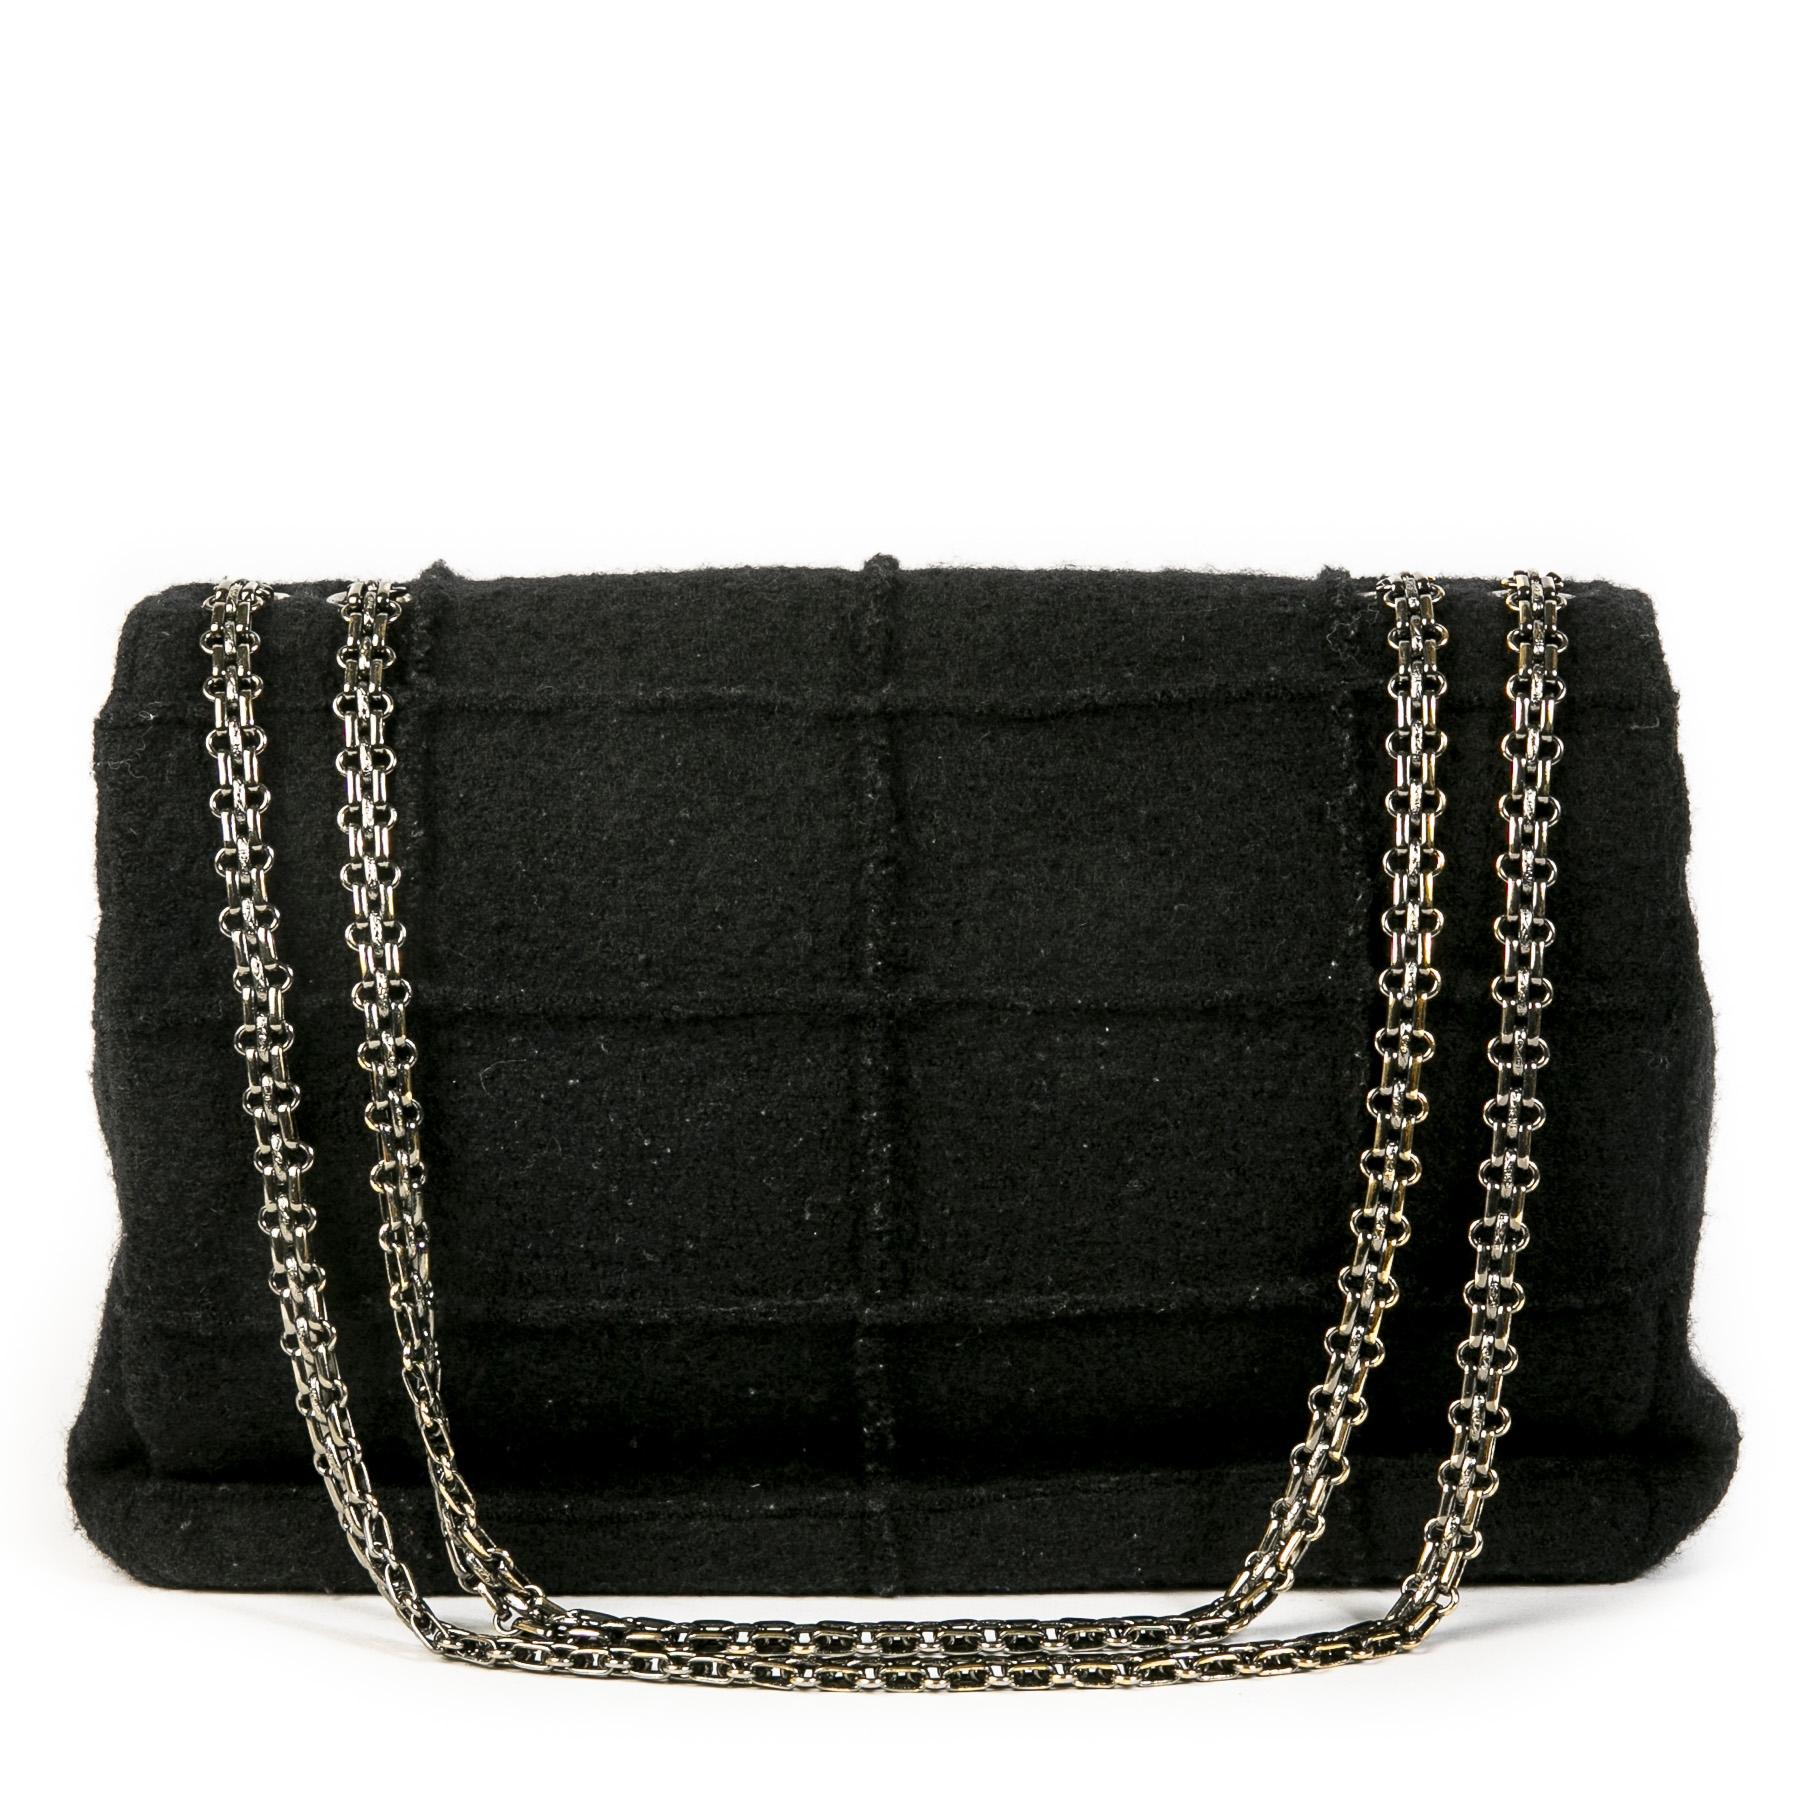 Authentieke Tweedehands Chanel 2.55 Reissue Black Wool Jumbo Flap Bag juiste prijs veilig online shoppen luxe merken webshop winkelen Antwerpen België mode fashion